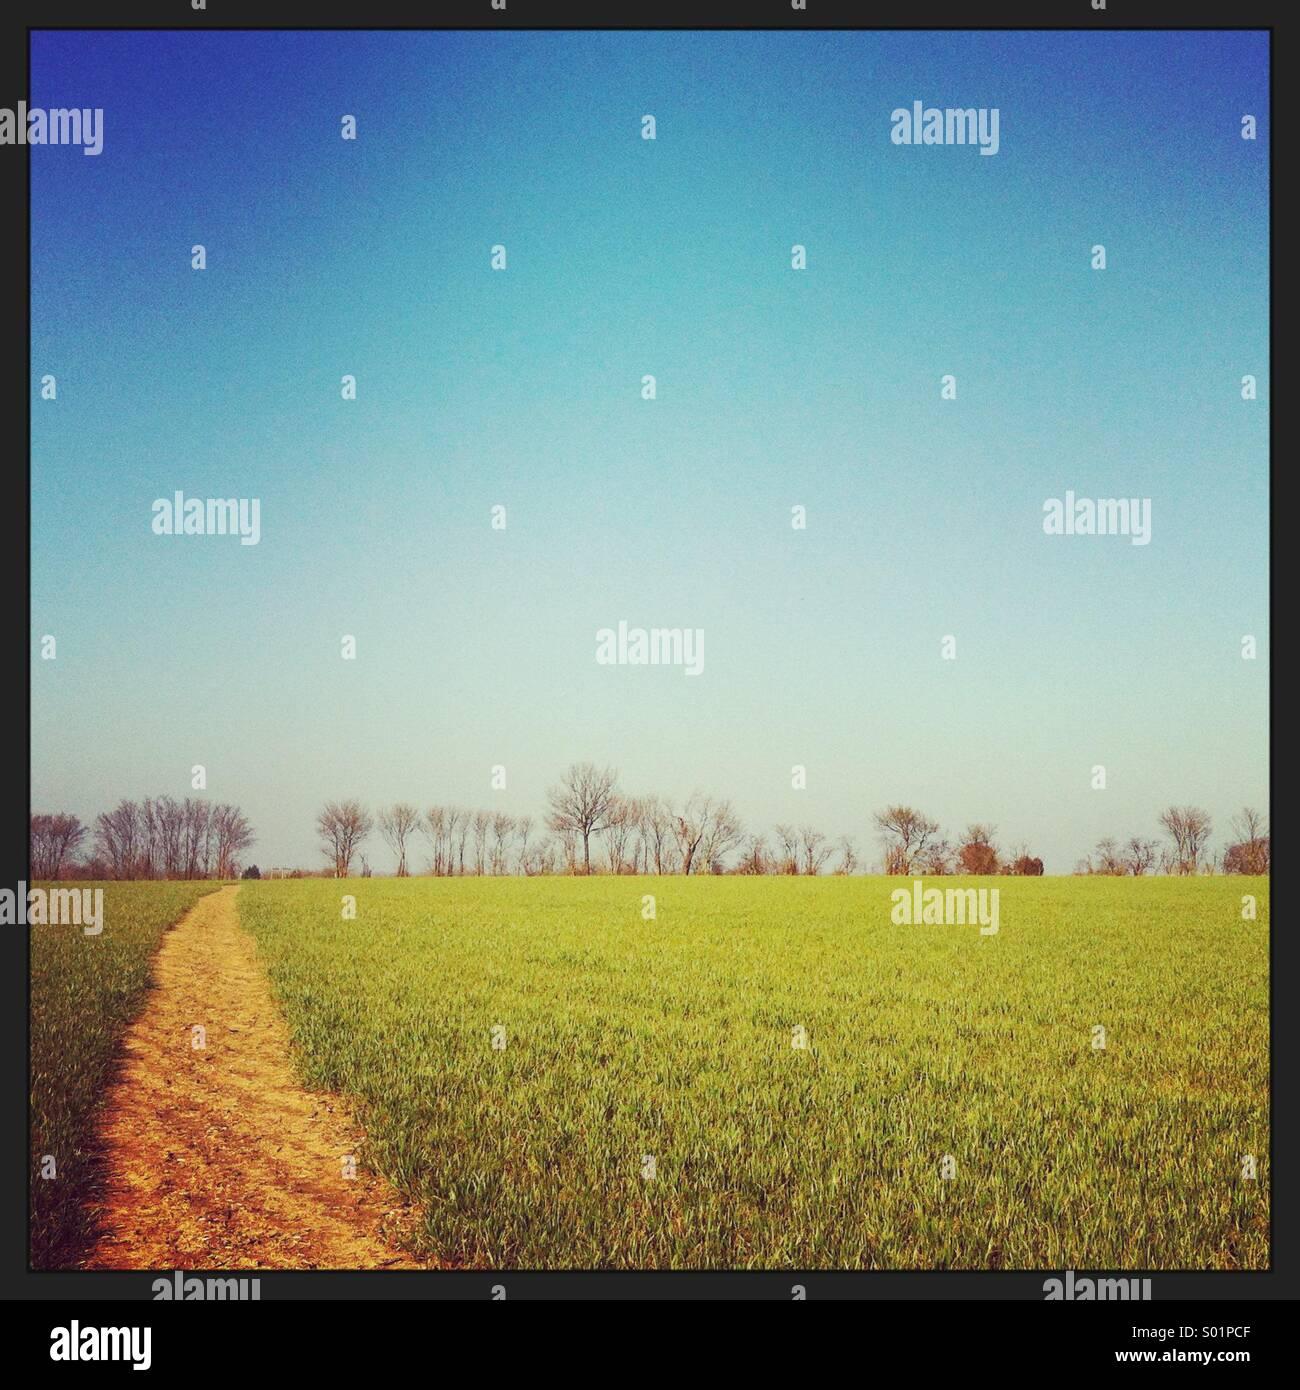 Chemin à travers un champ vert menant vers une ligne si les arbres à l'horizon avec ciel bleu clair Photo Stock